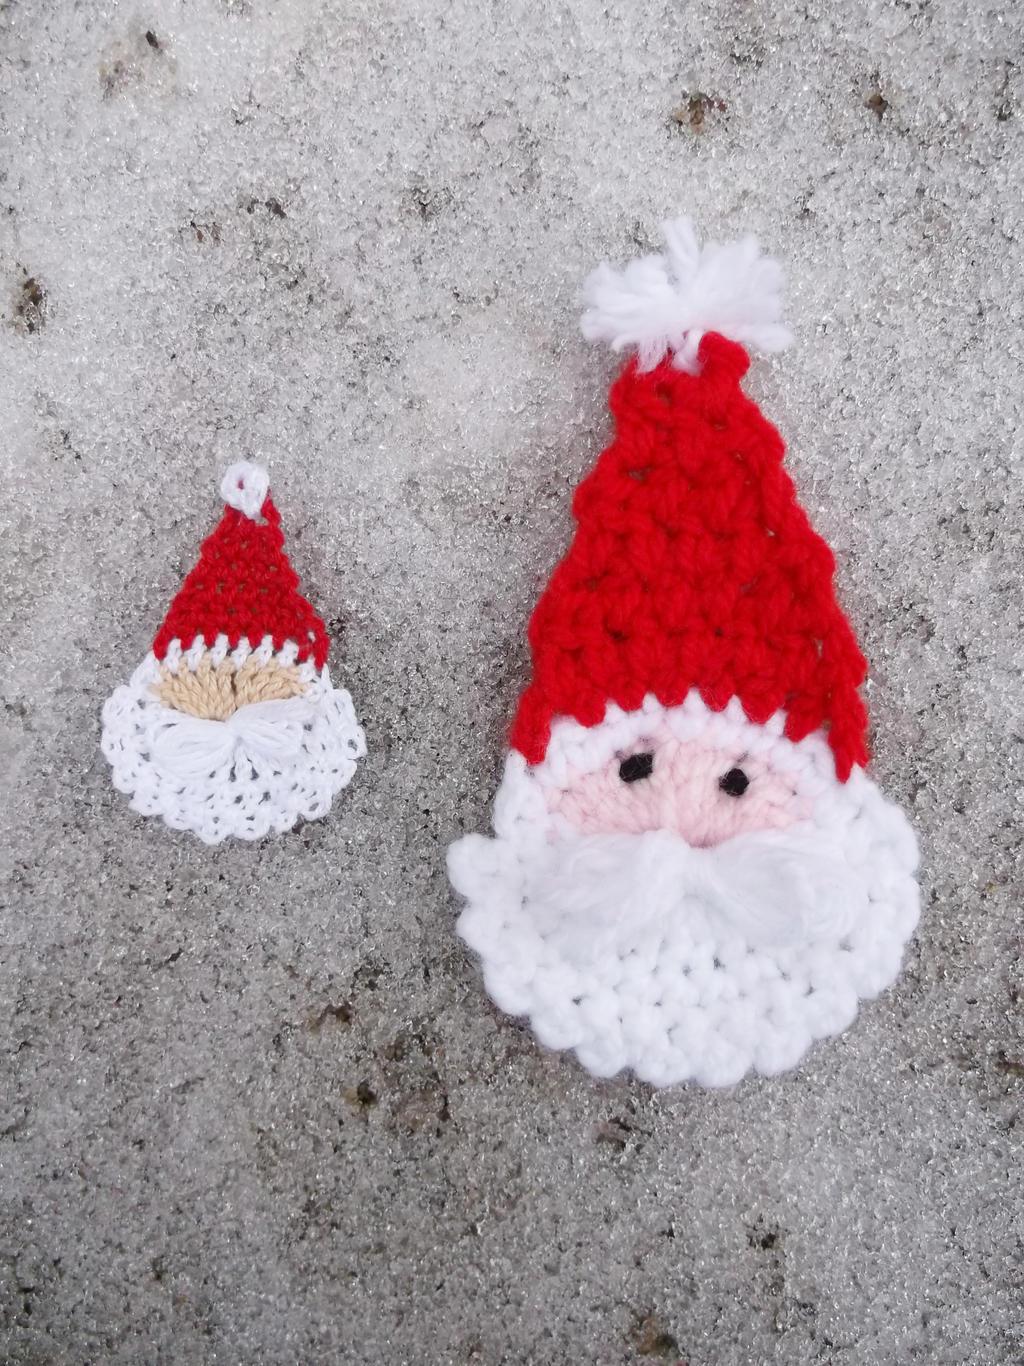 Crochet Santa Claus by Esarina on DeviantArt